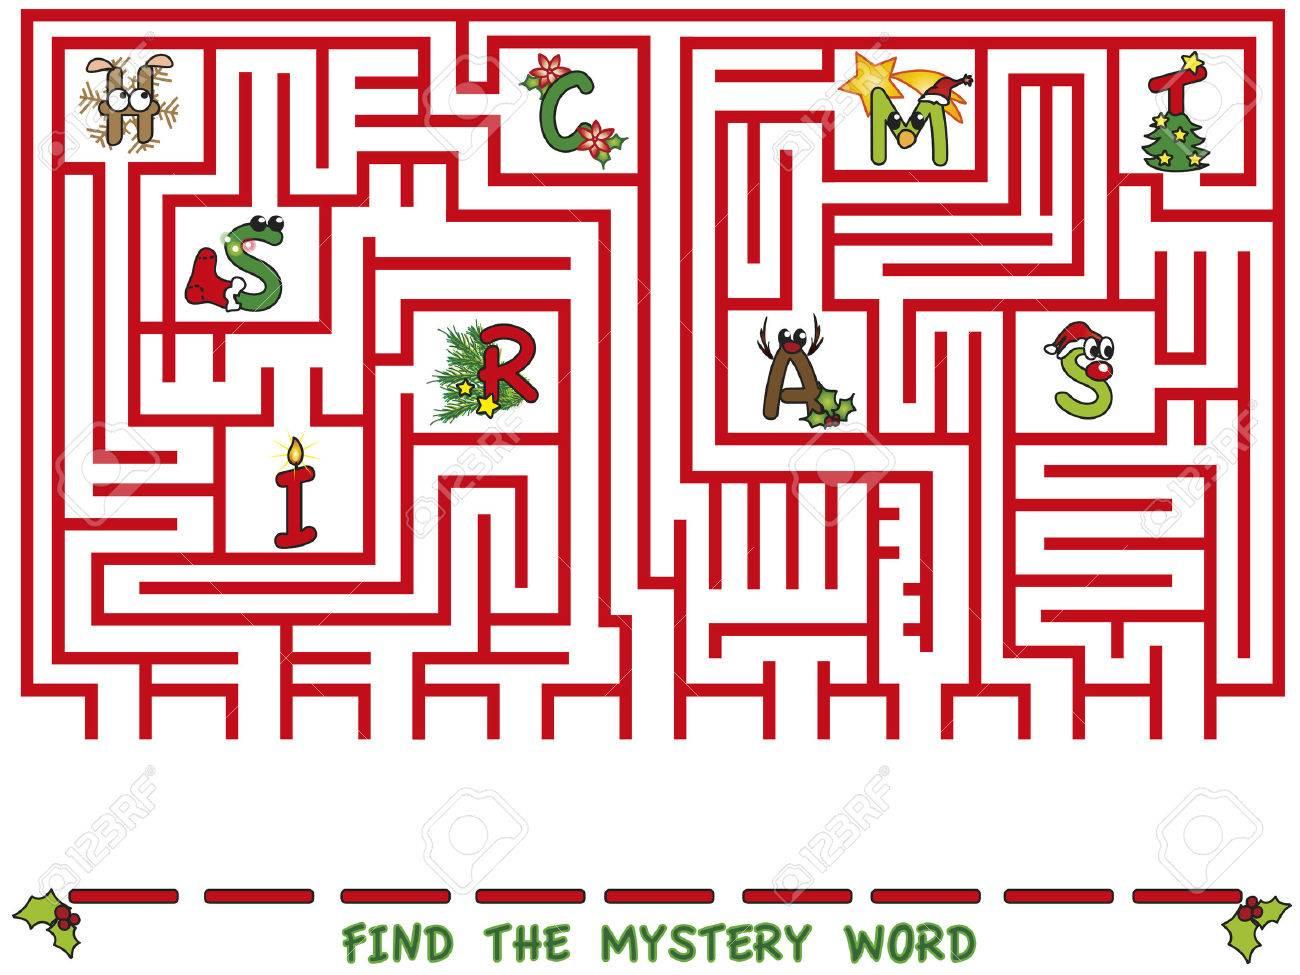 Noël Jeu Trouver Le Mot Mystère destiné Mot Mystere